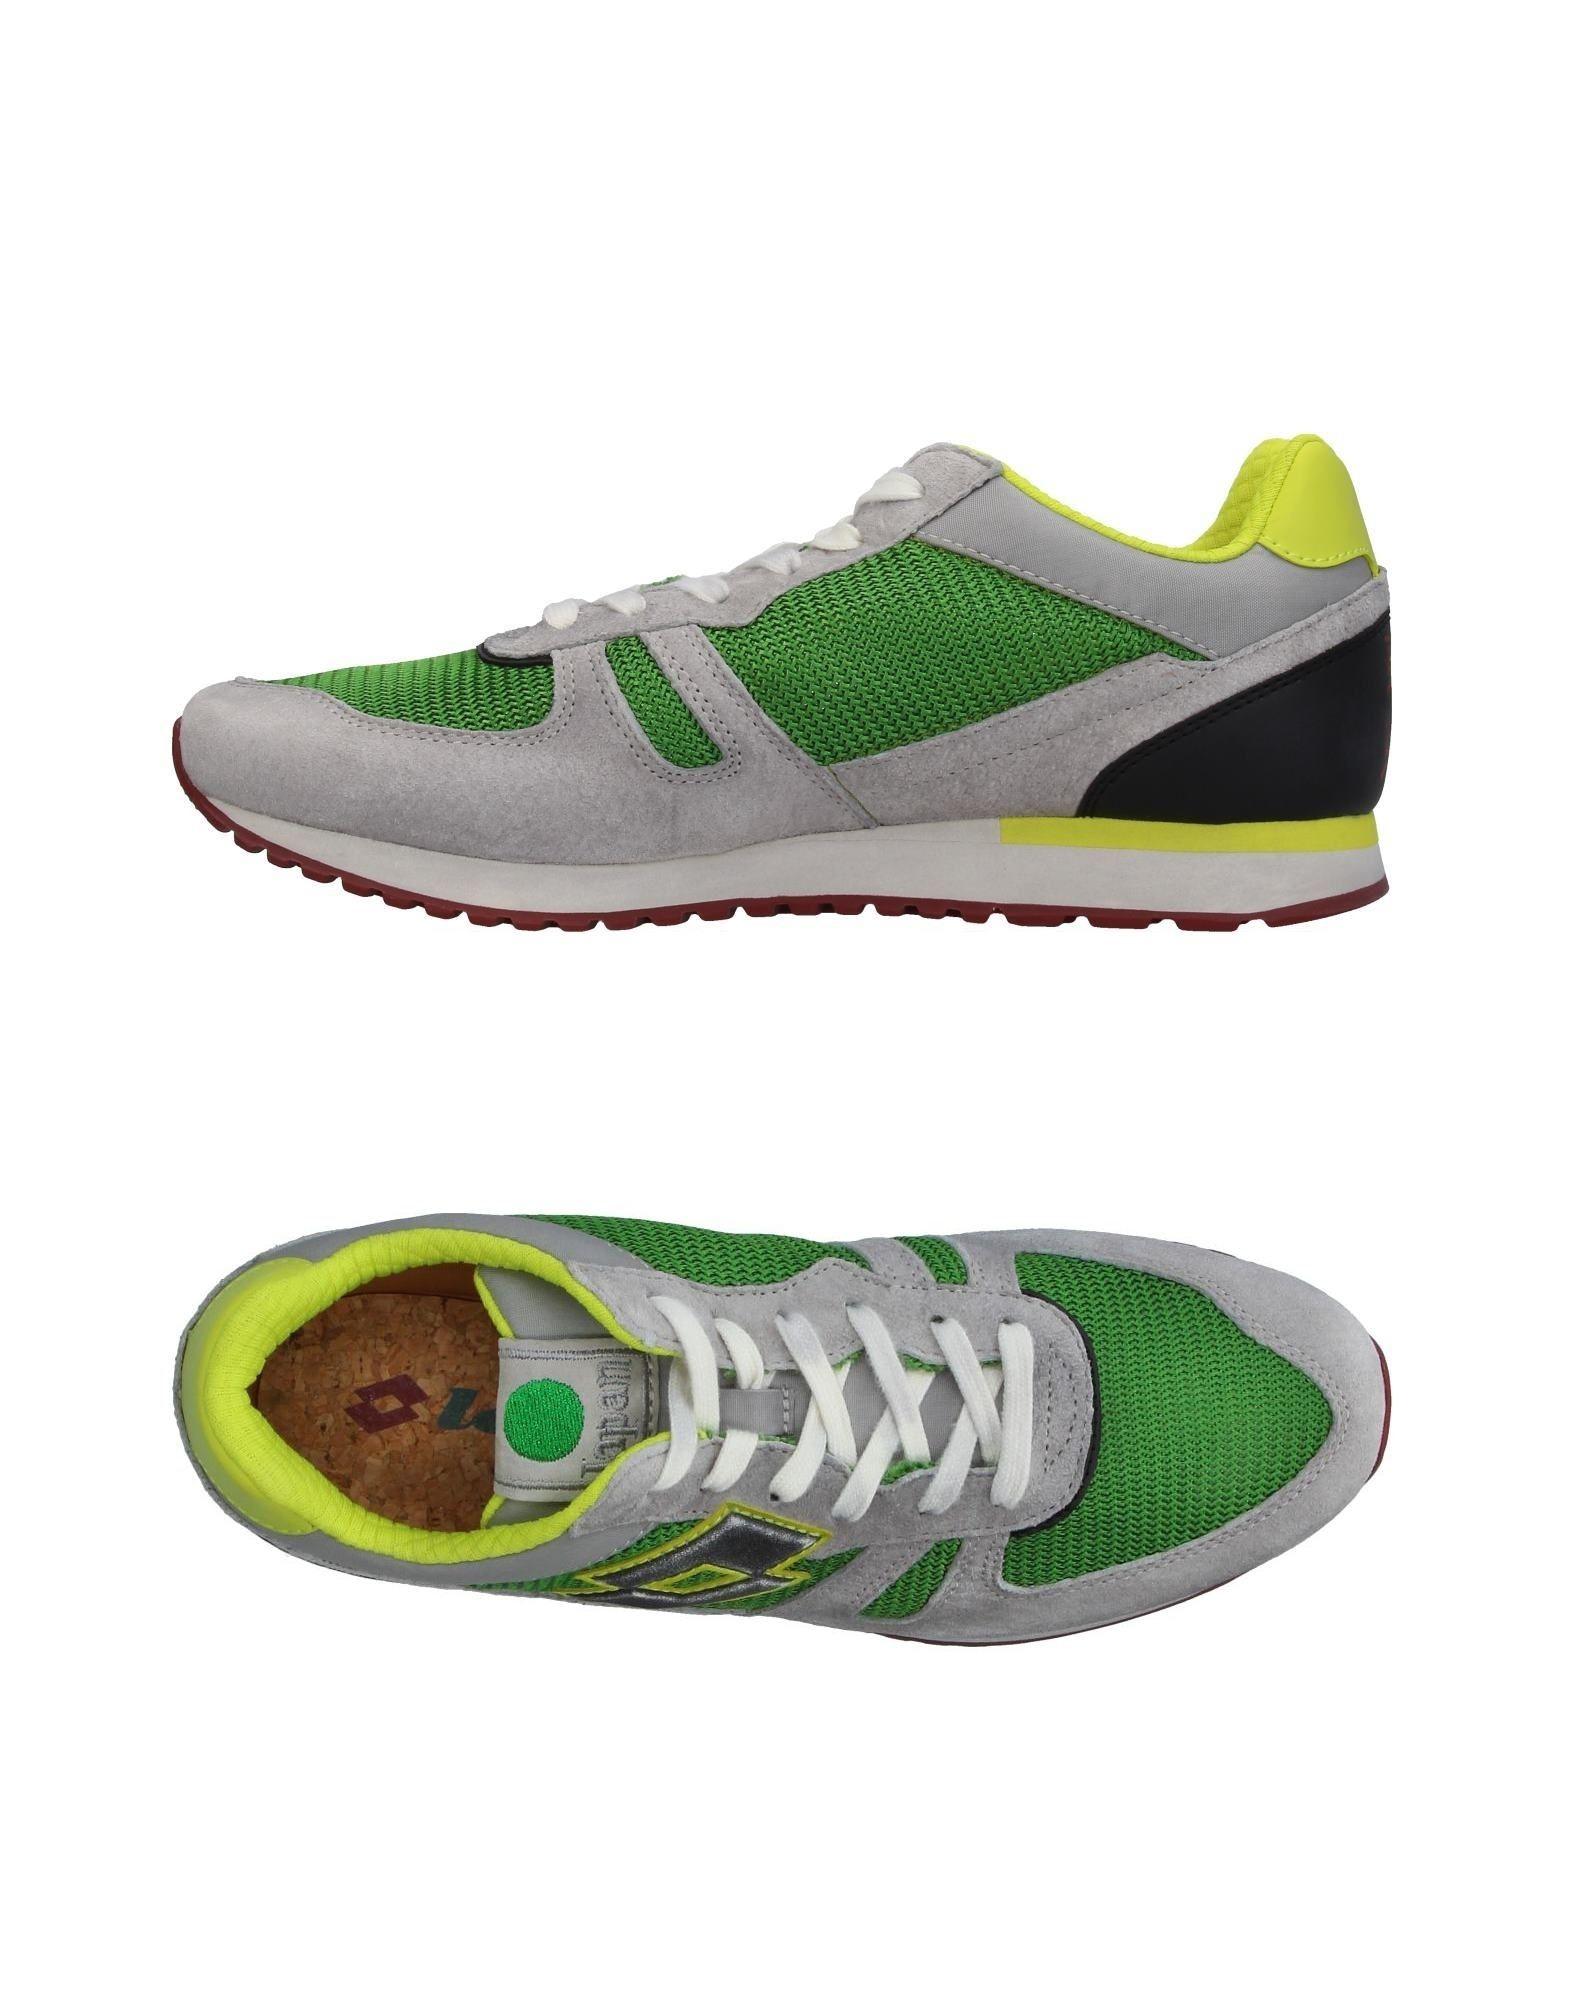 Rabatt echte Sneakers Schuhe Lotto Leggenda Sneakers echte Herren  11351725NM 5ee7a8